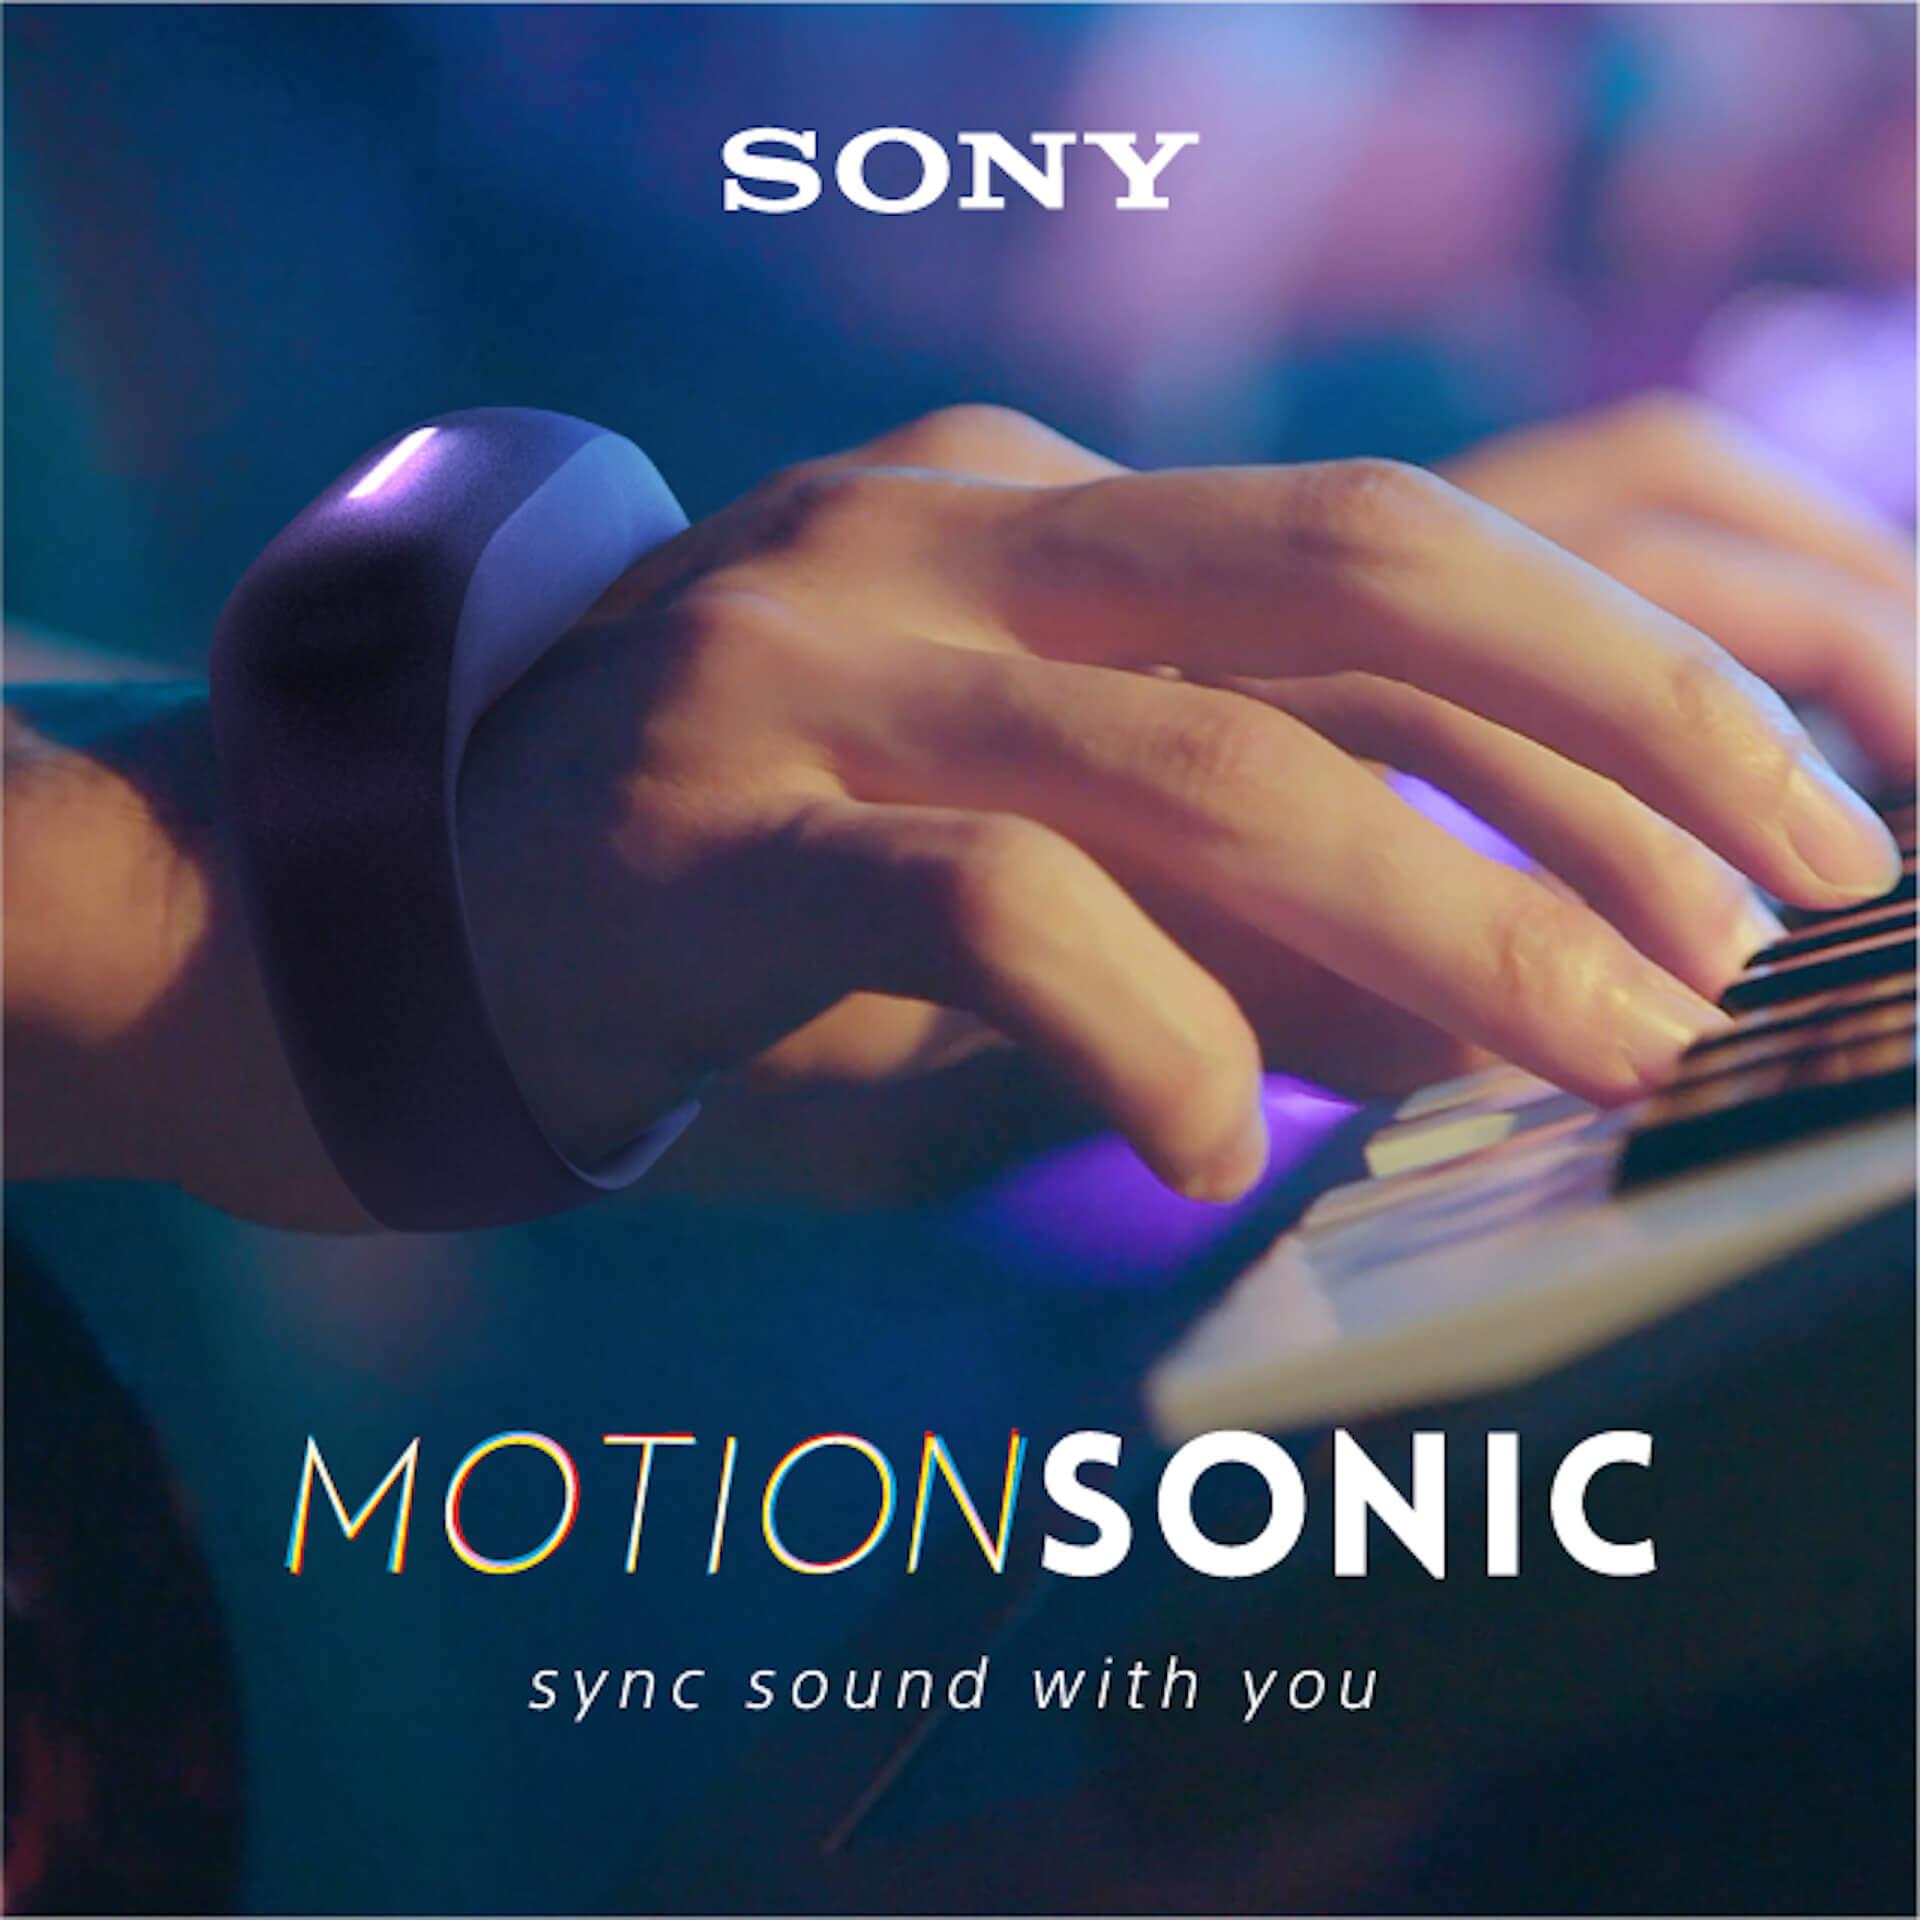 Sonyより体の動きで音を変化させるエフェクター「MOTION SONIC」が登場!Indiegogoにてクラウドファンディングの募集開始 music210531_sony-motion-sonic-210531_1